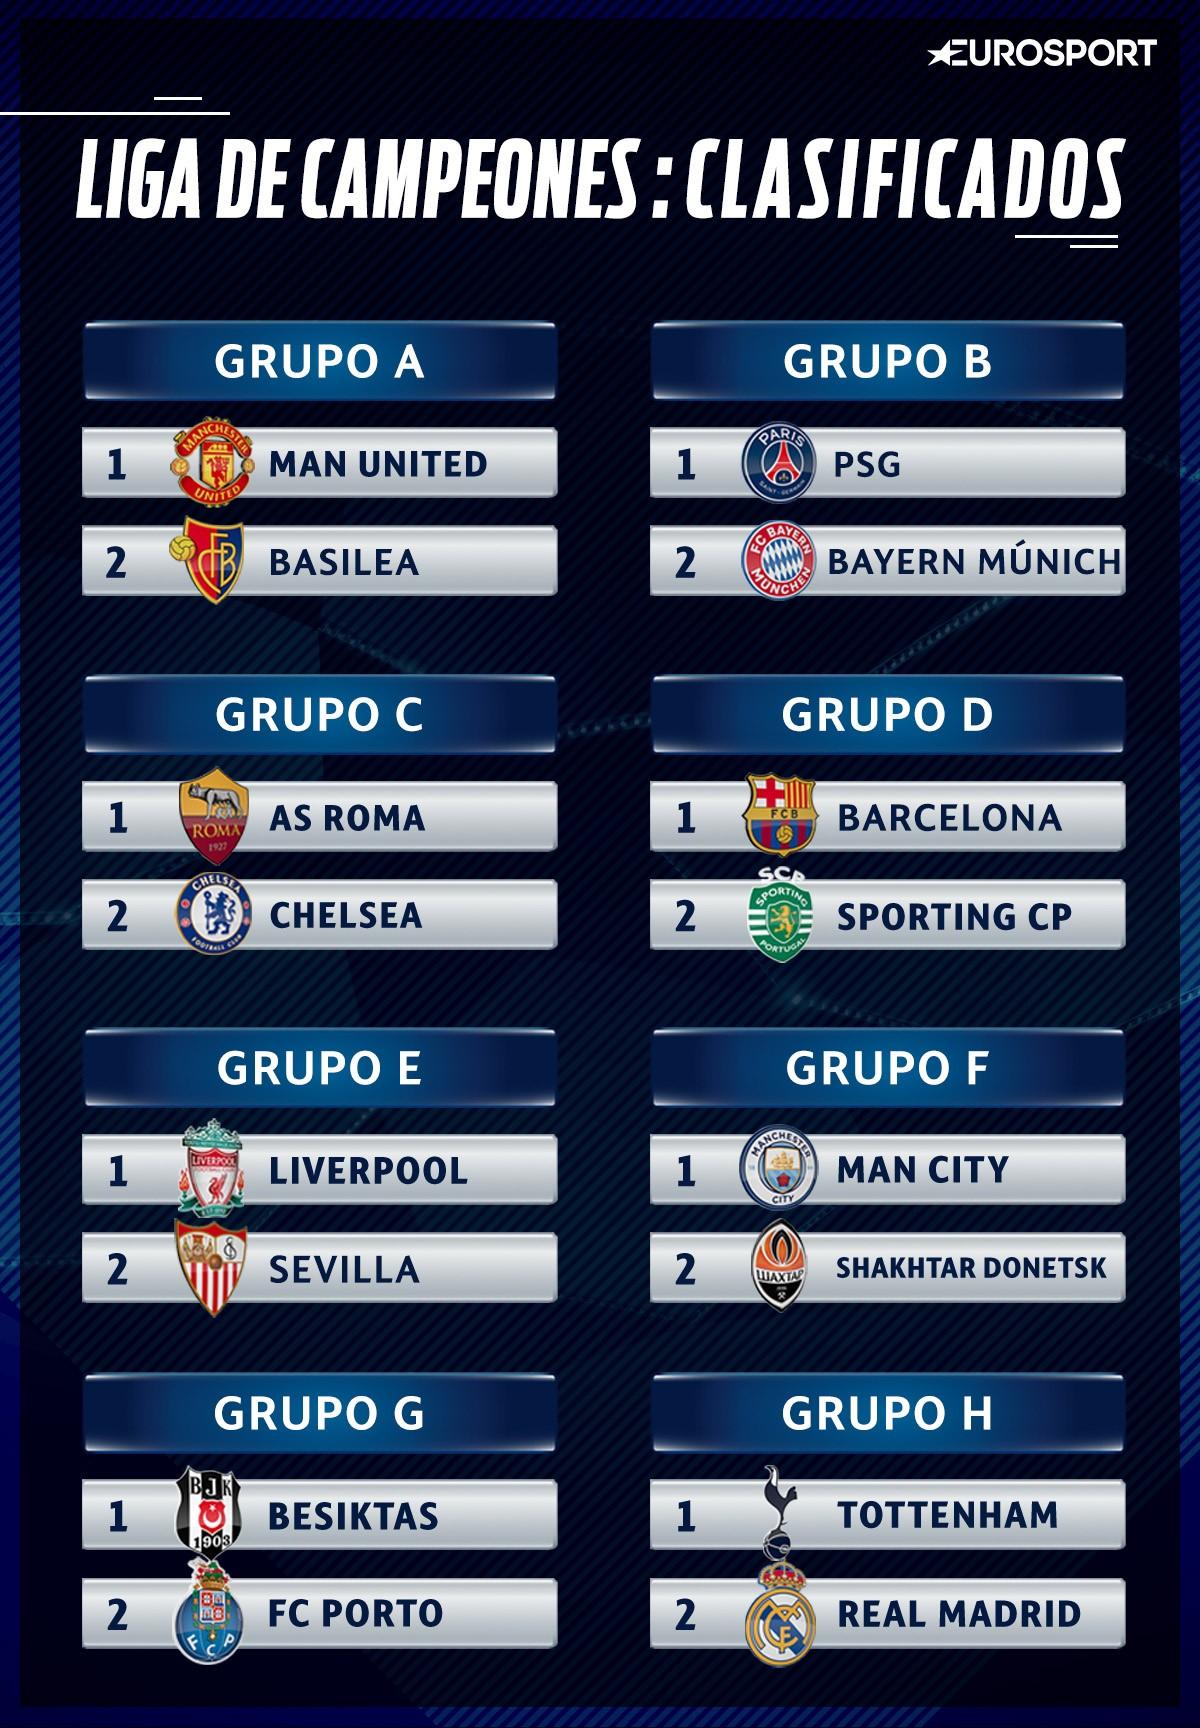 Clasificados octavos, Liga de Campeones, Champions League